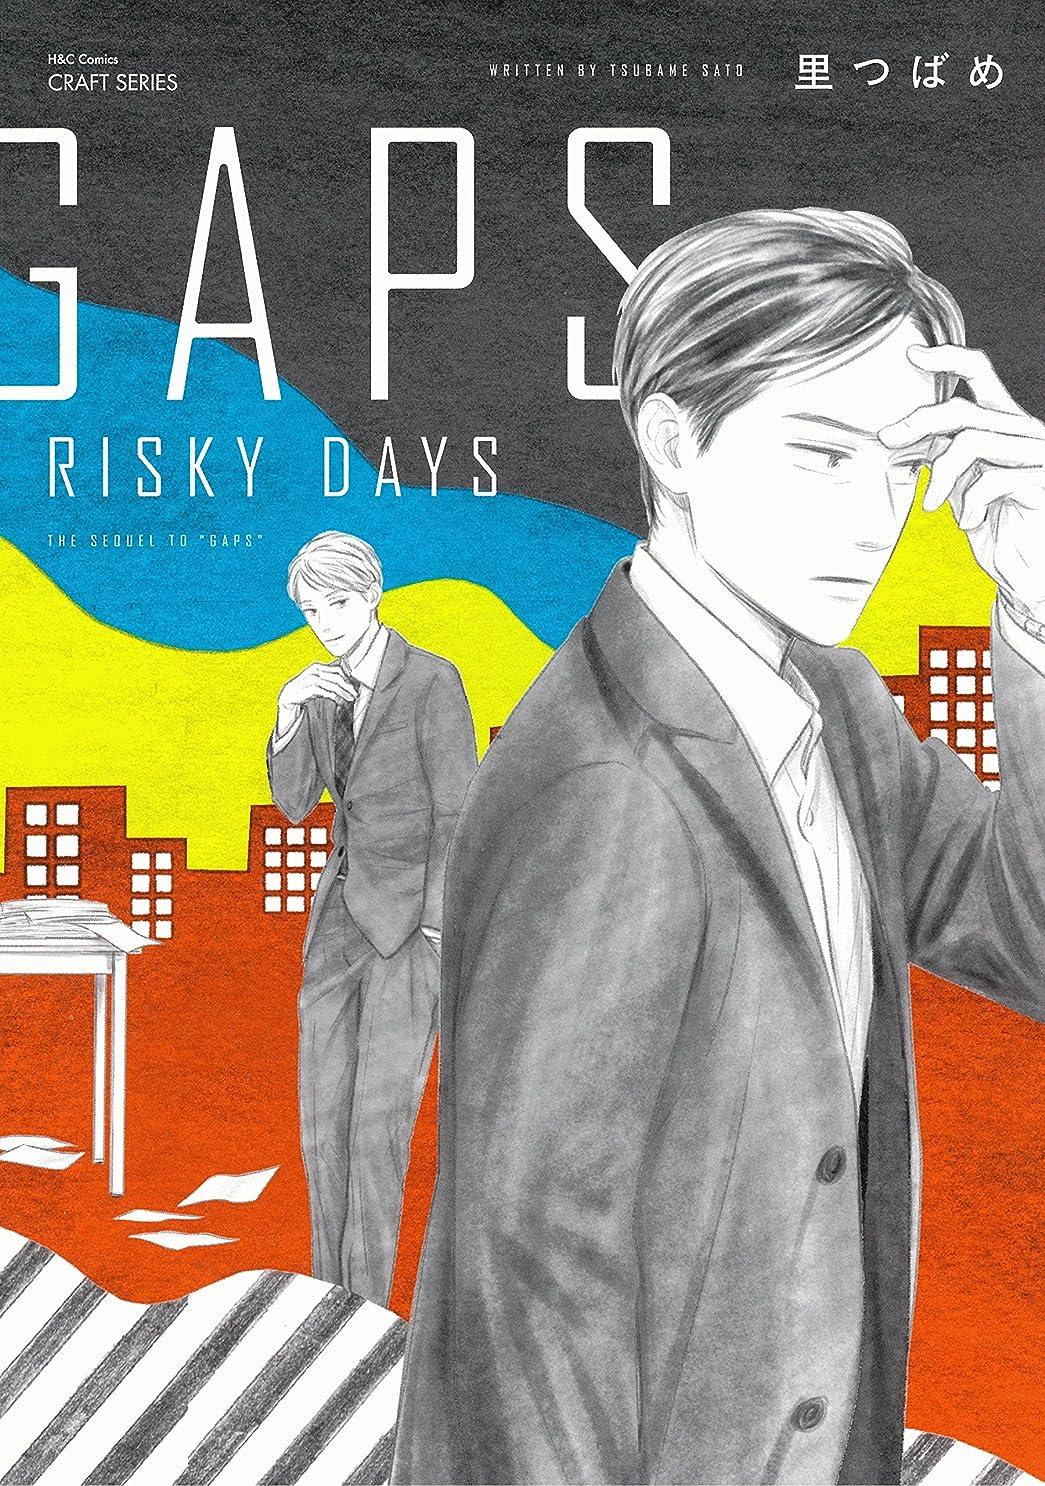 歩き回る年金受給者カスケードGAPS RISKY DAYS 【電子限定おまけマンガ付】 (HertZ&CRAFT)